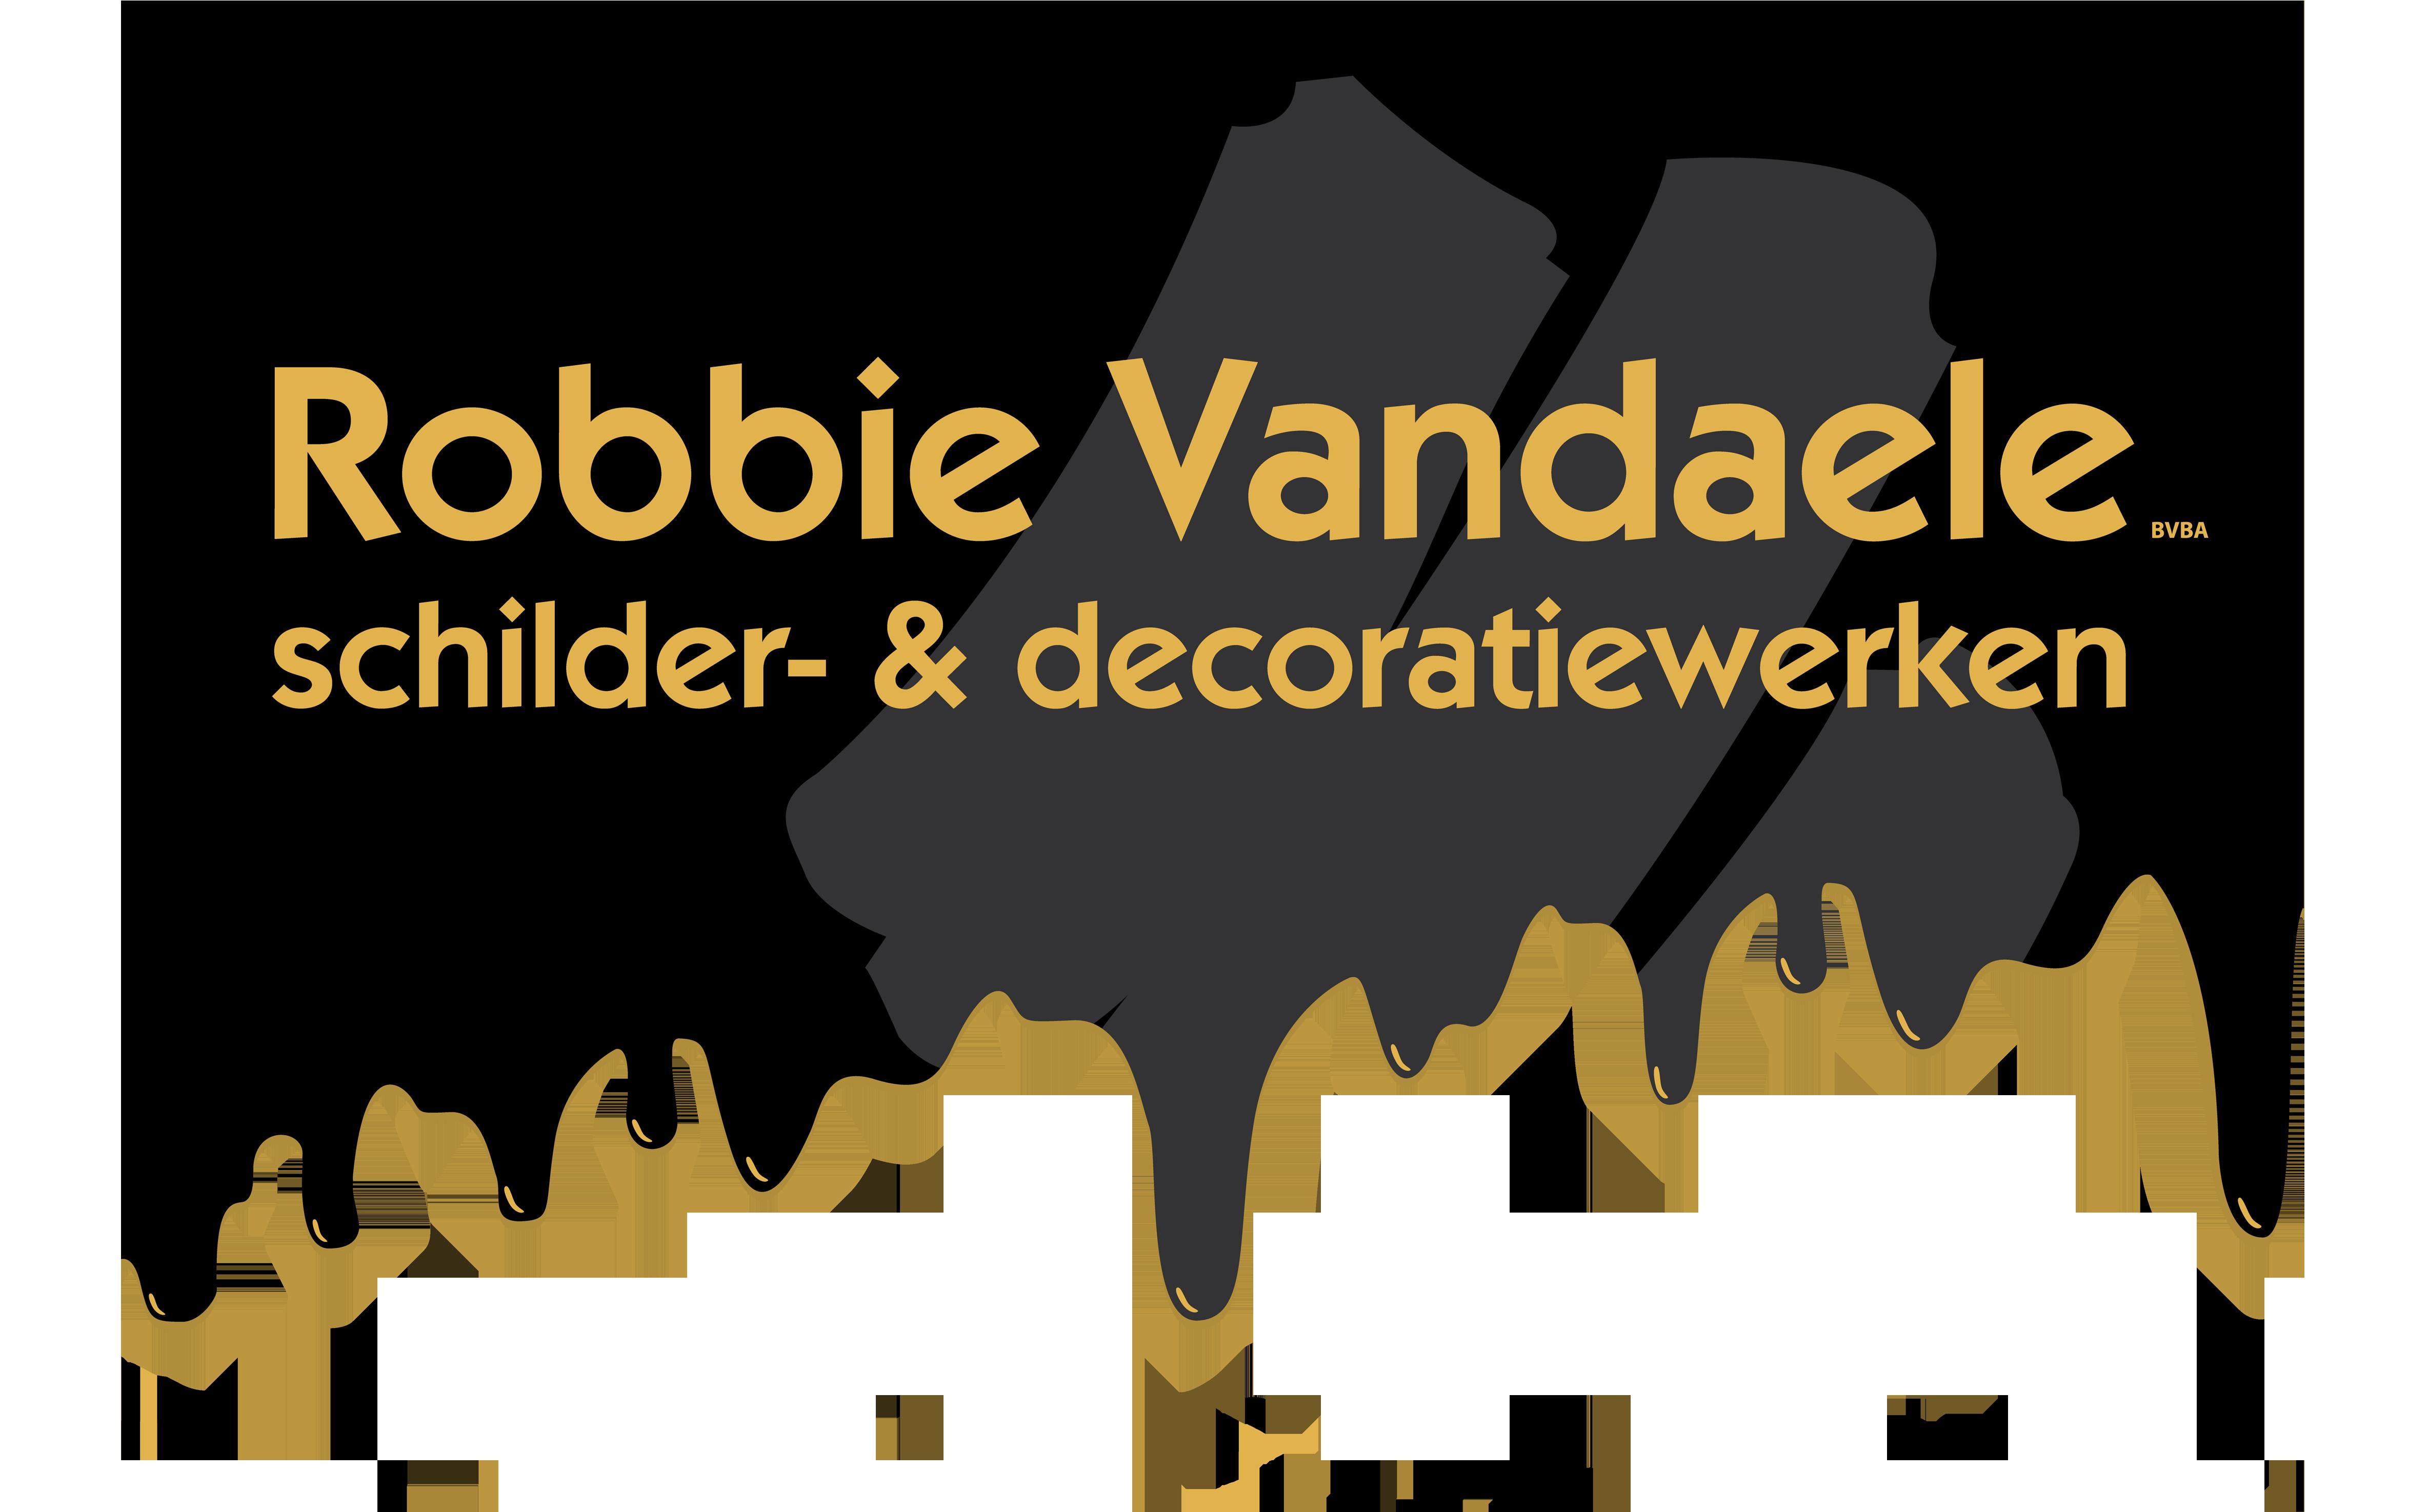 www.schilderwerken-vandaele.be